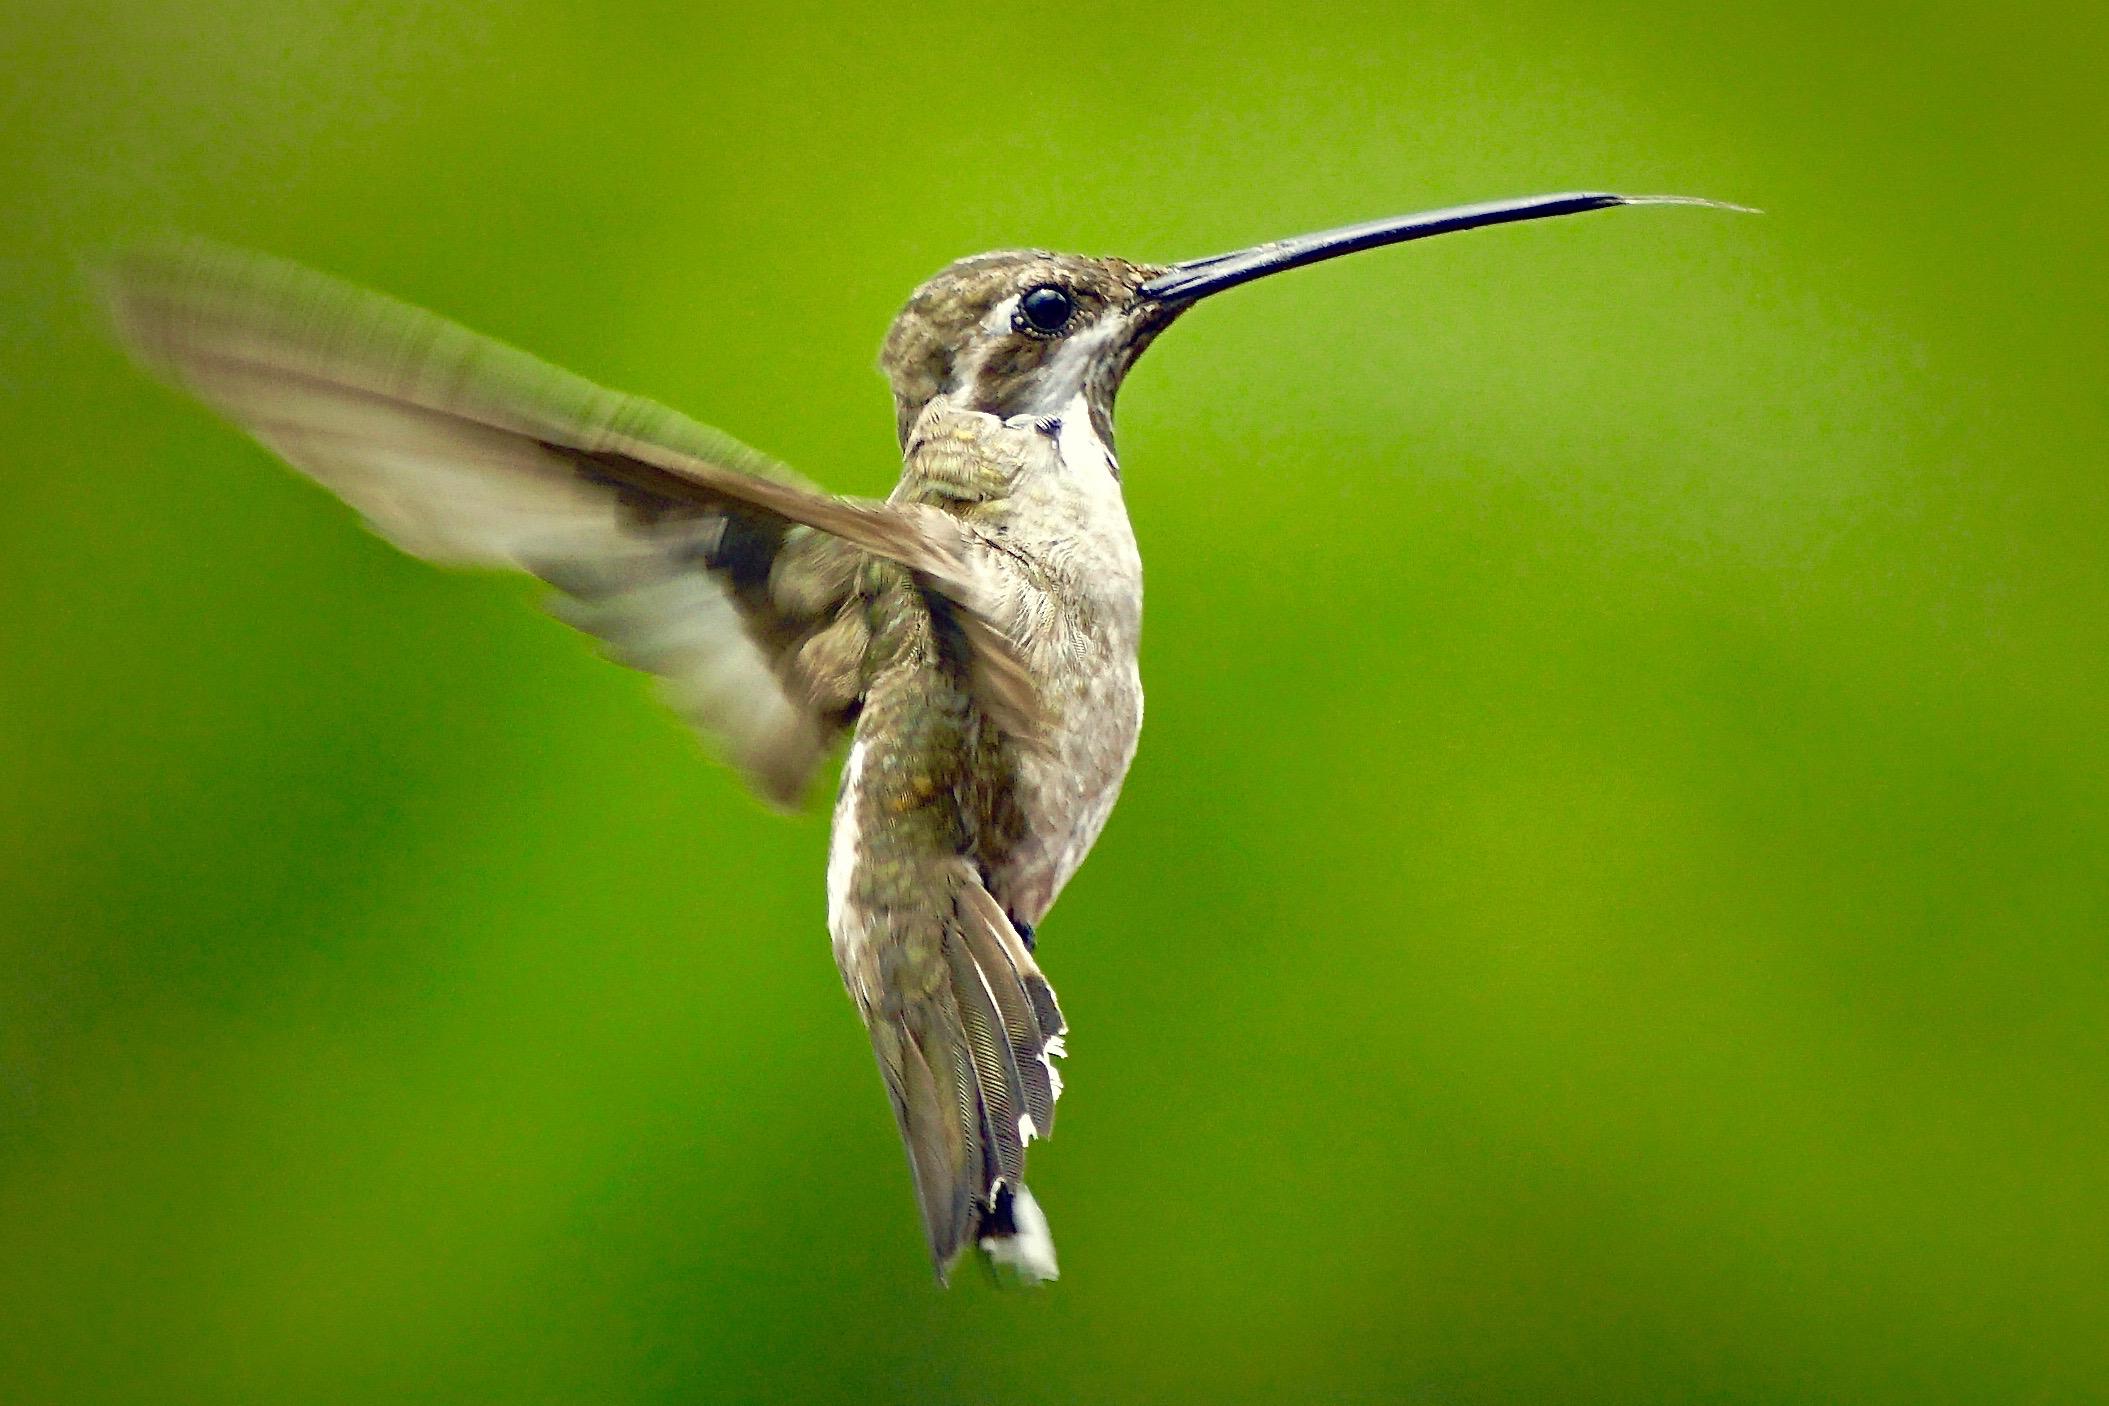 Hummingbird in Flight, PV